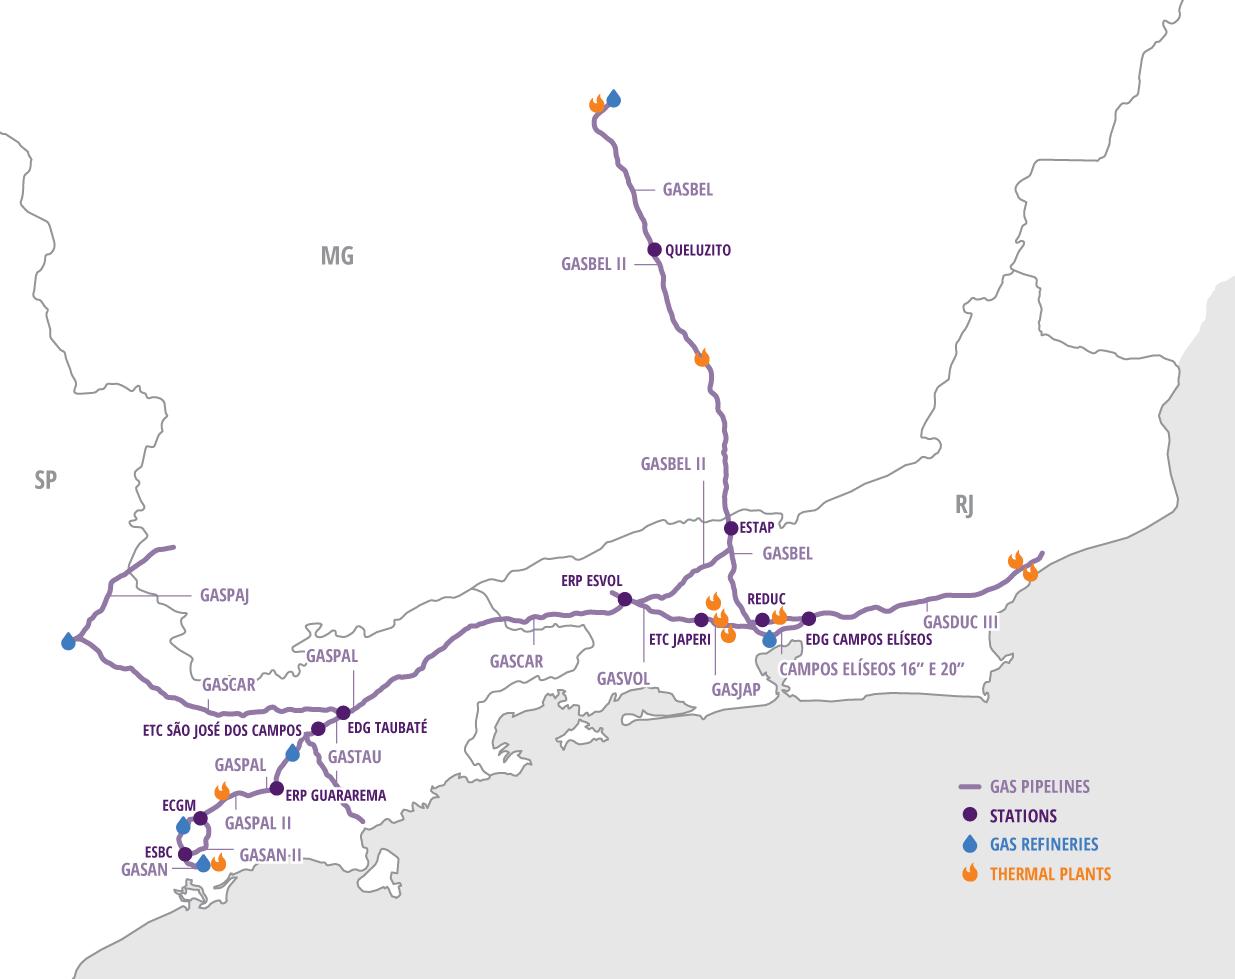 nts-mapa3_EN.png